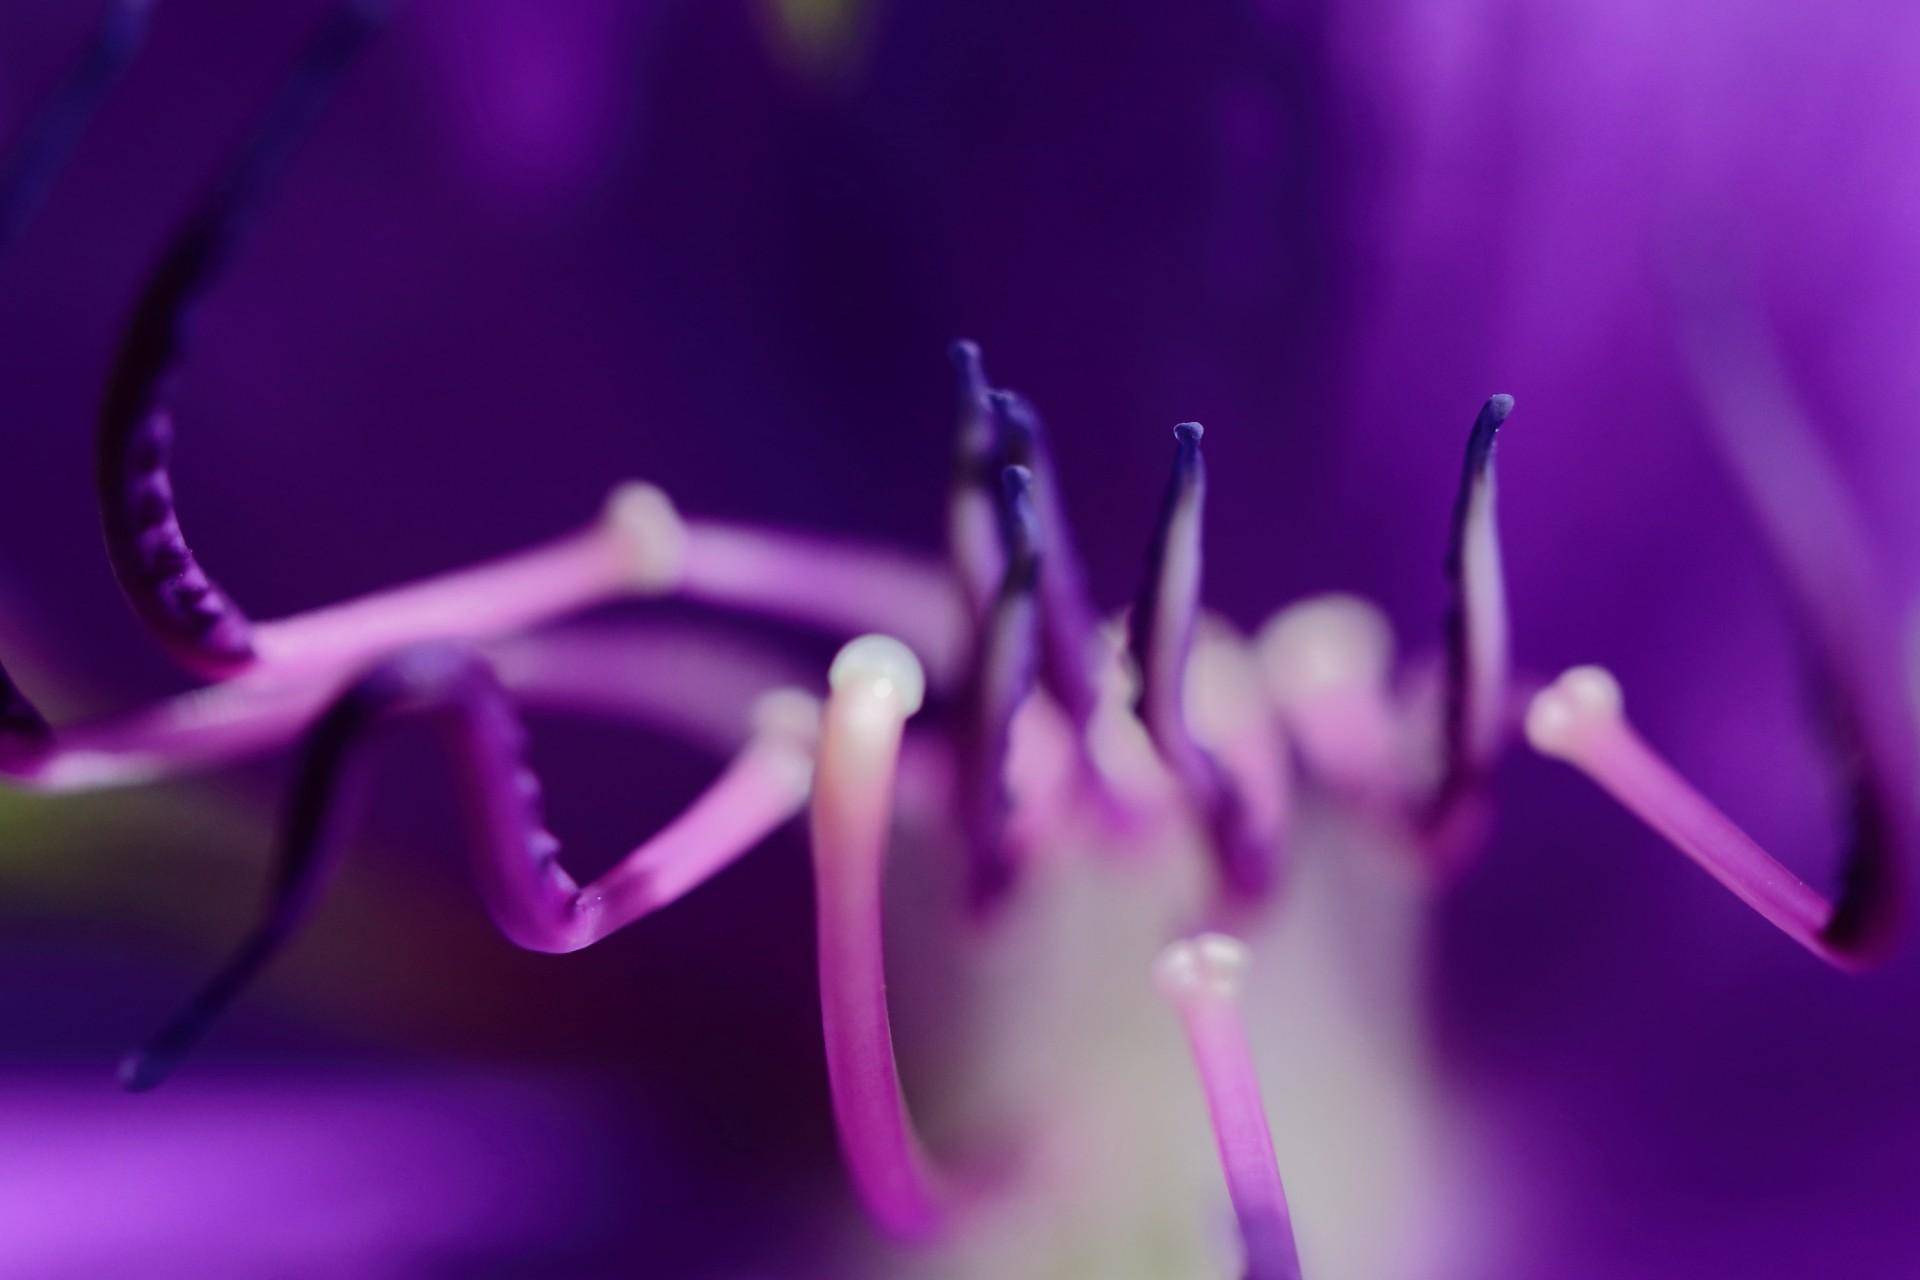 Makroworkshop - Stachelwelten im Botanischen Garten - Canon Academy Natur-, Tier- und Makro